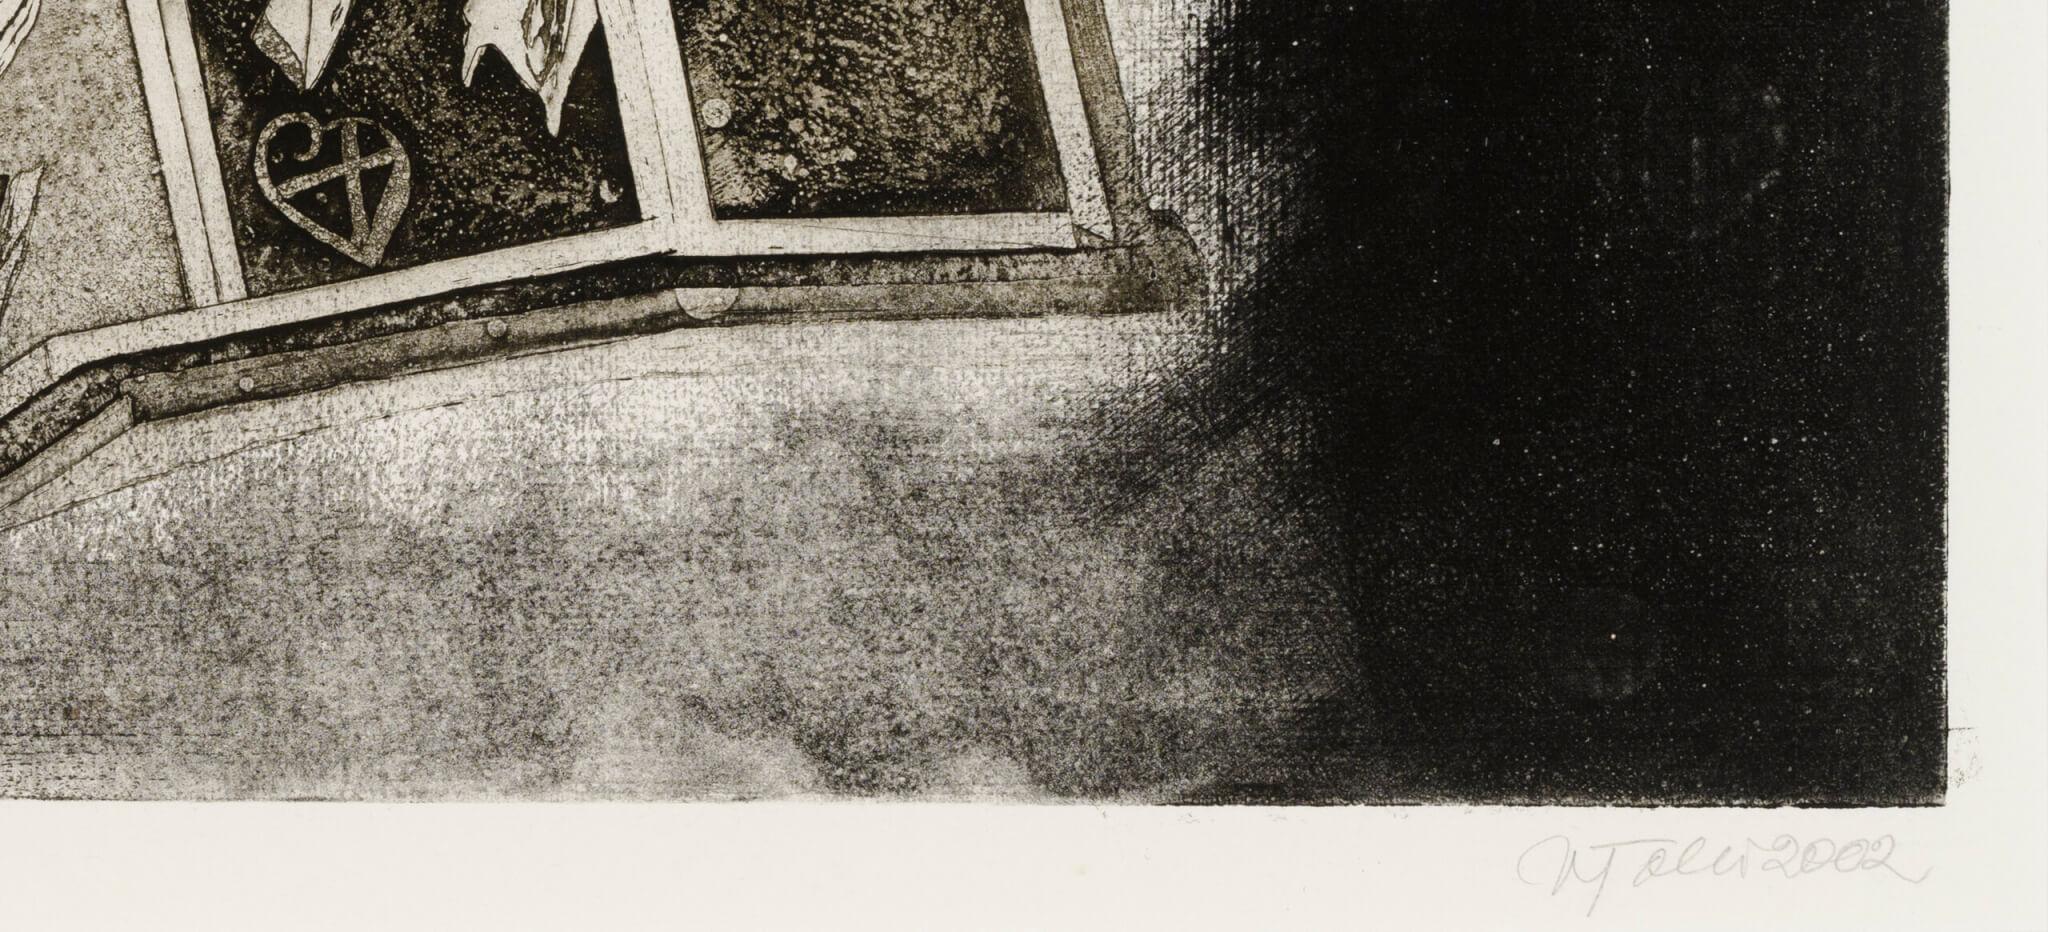 """Vive Tolli """"Vähe viltune ja lendav kellatorn"""", 2002. 69 x 49 cm."""